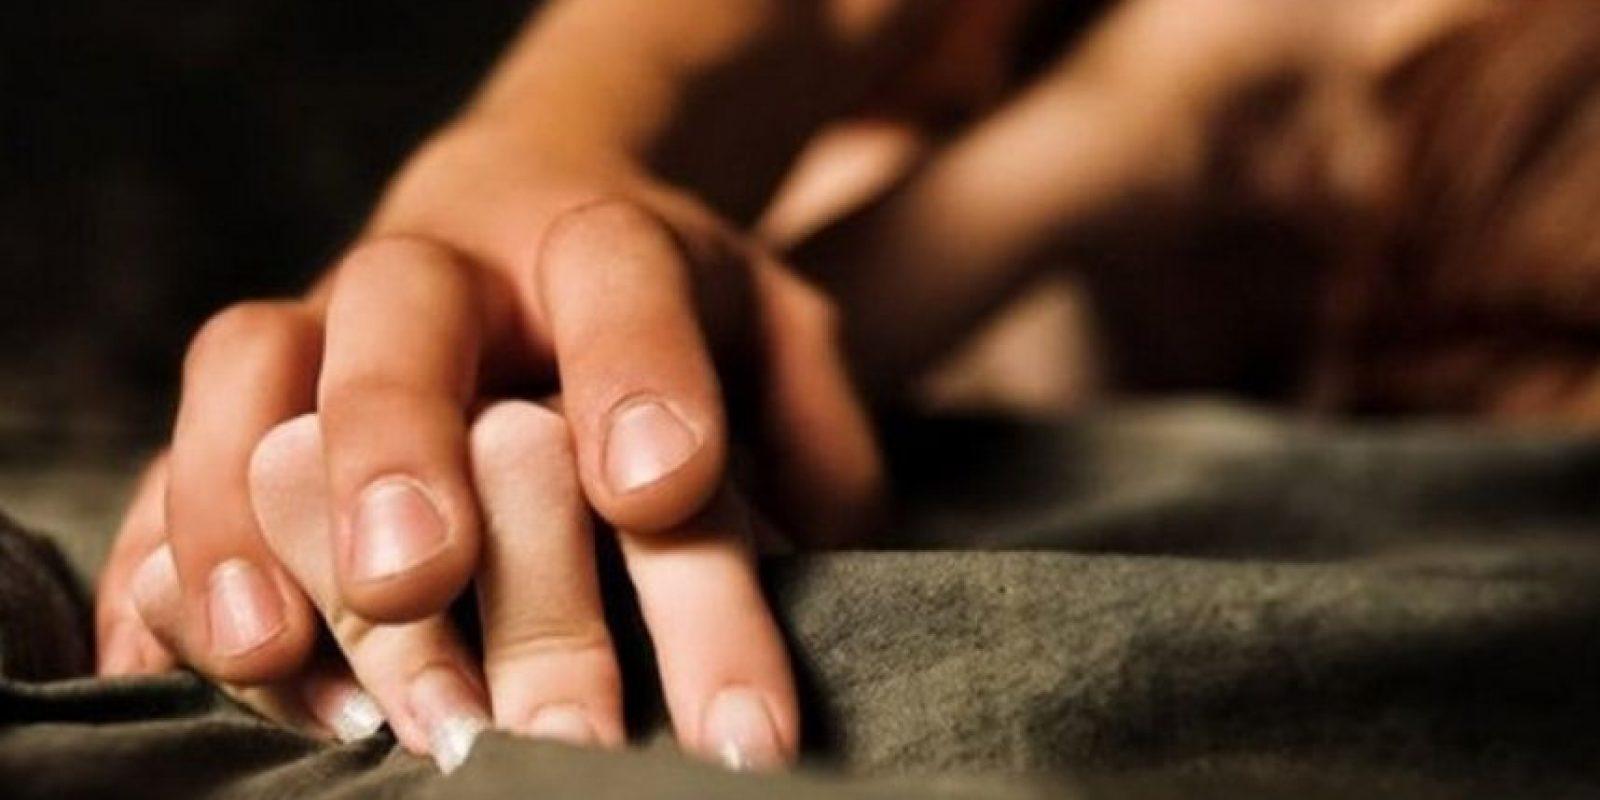 """8. """"Quickie Grey"""": Un """"rapidito"""". Las manos de la mujer deben ser sostenidas arriba de su cabeza (ella debe estar tendida en la cama) mientras él penetra de manera rápida. Foto:Getty Images"""